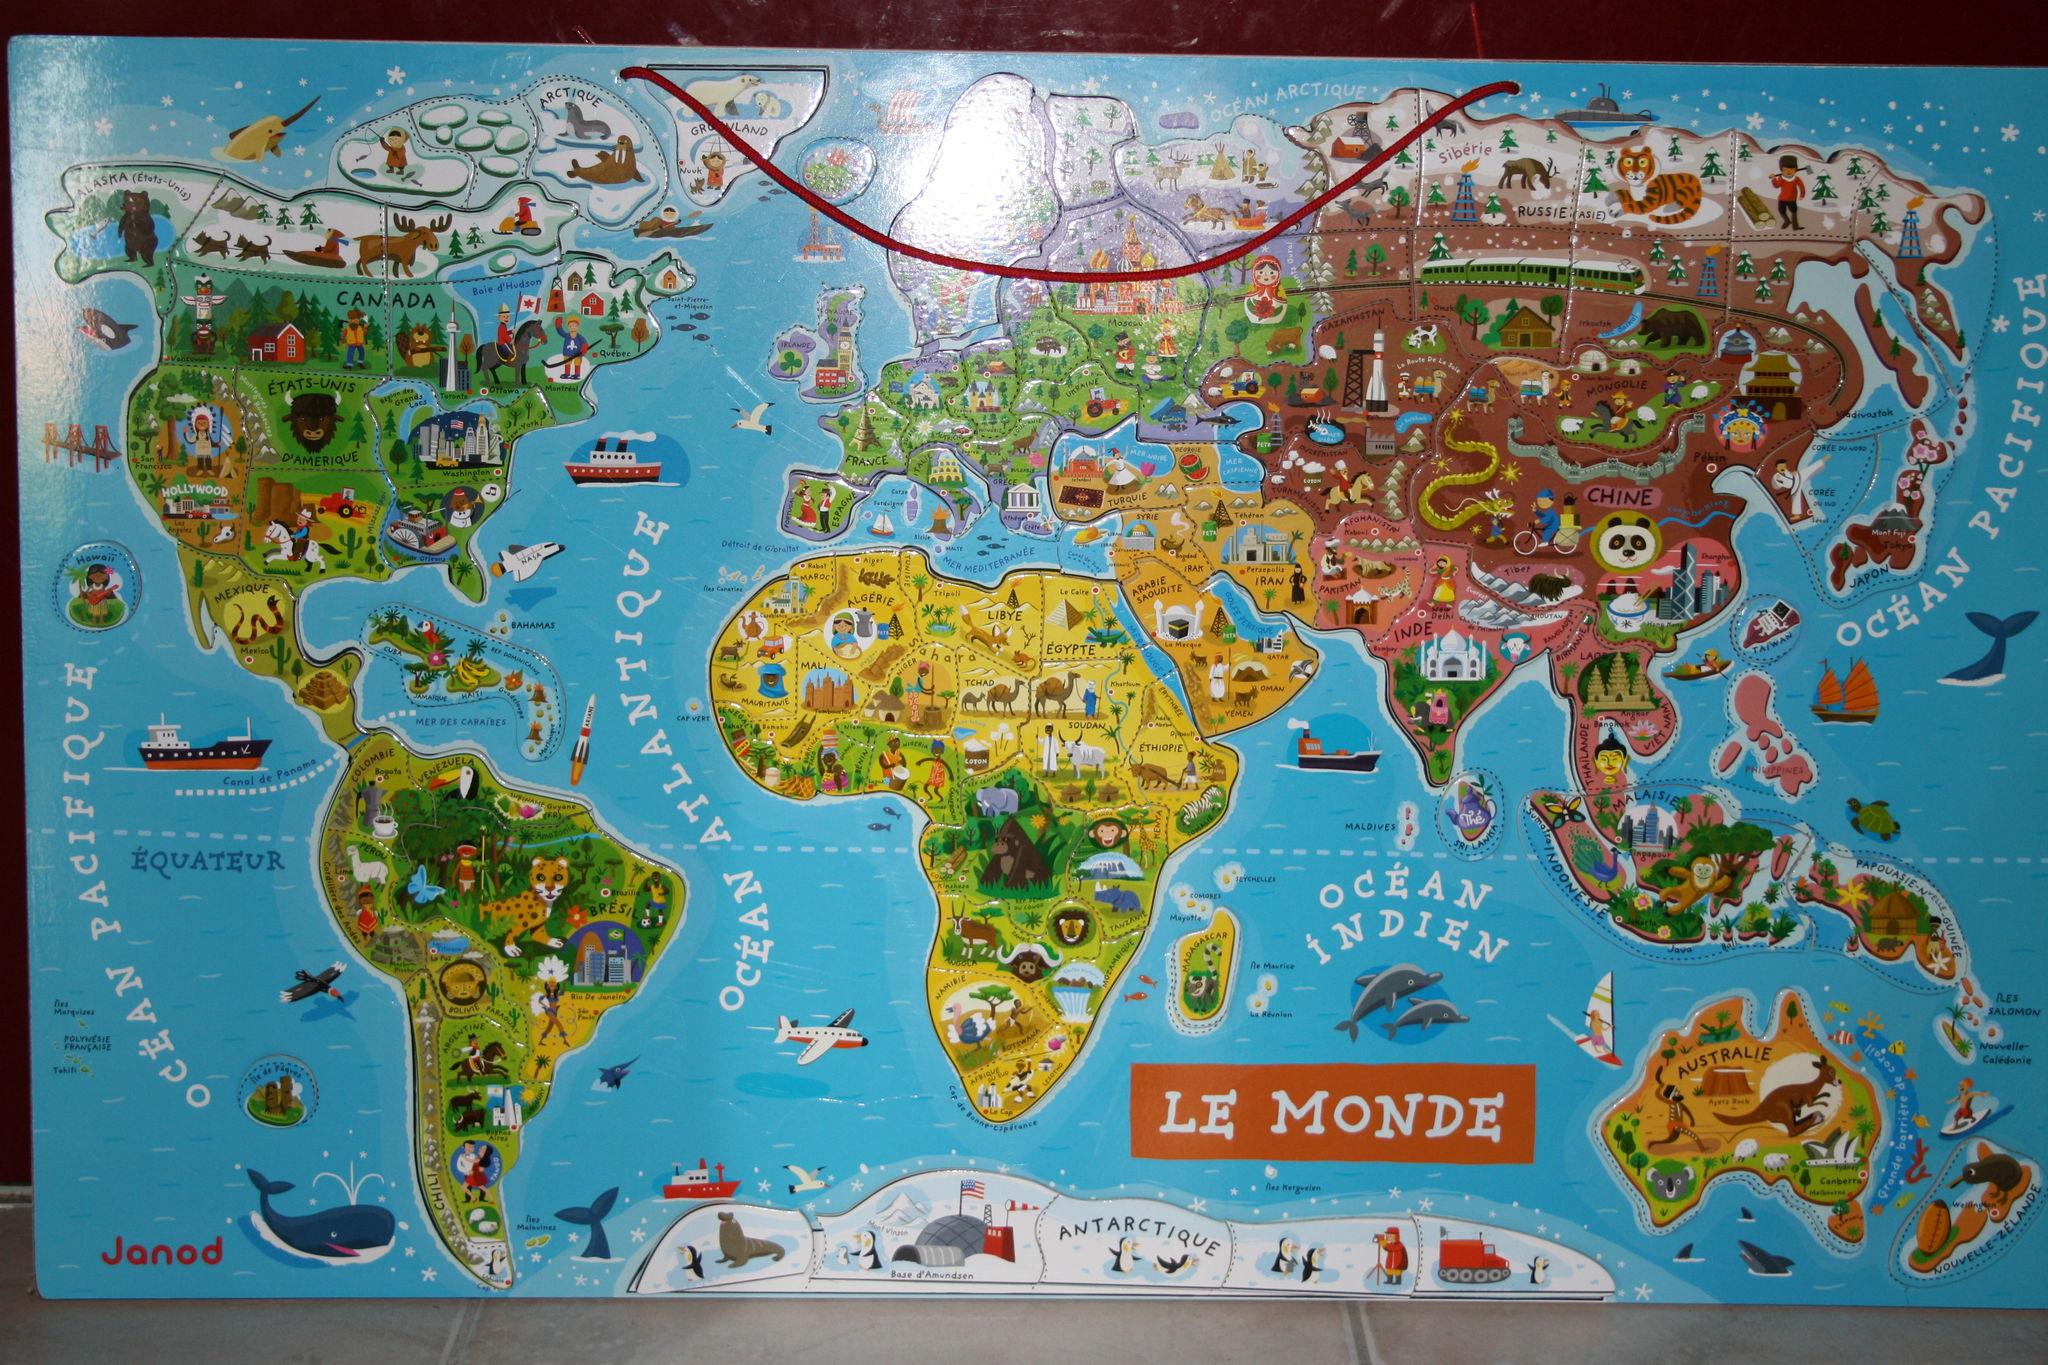 La Géographie : Nouveauté Cette Année - L'école À La Maison dedans Planisphère Enfant